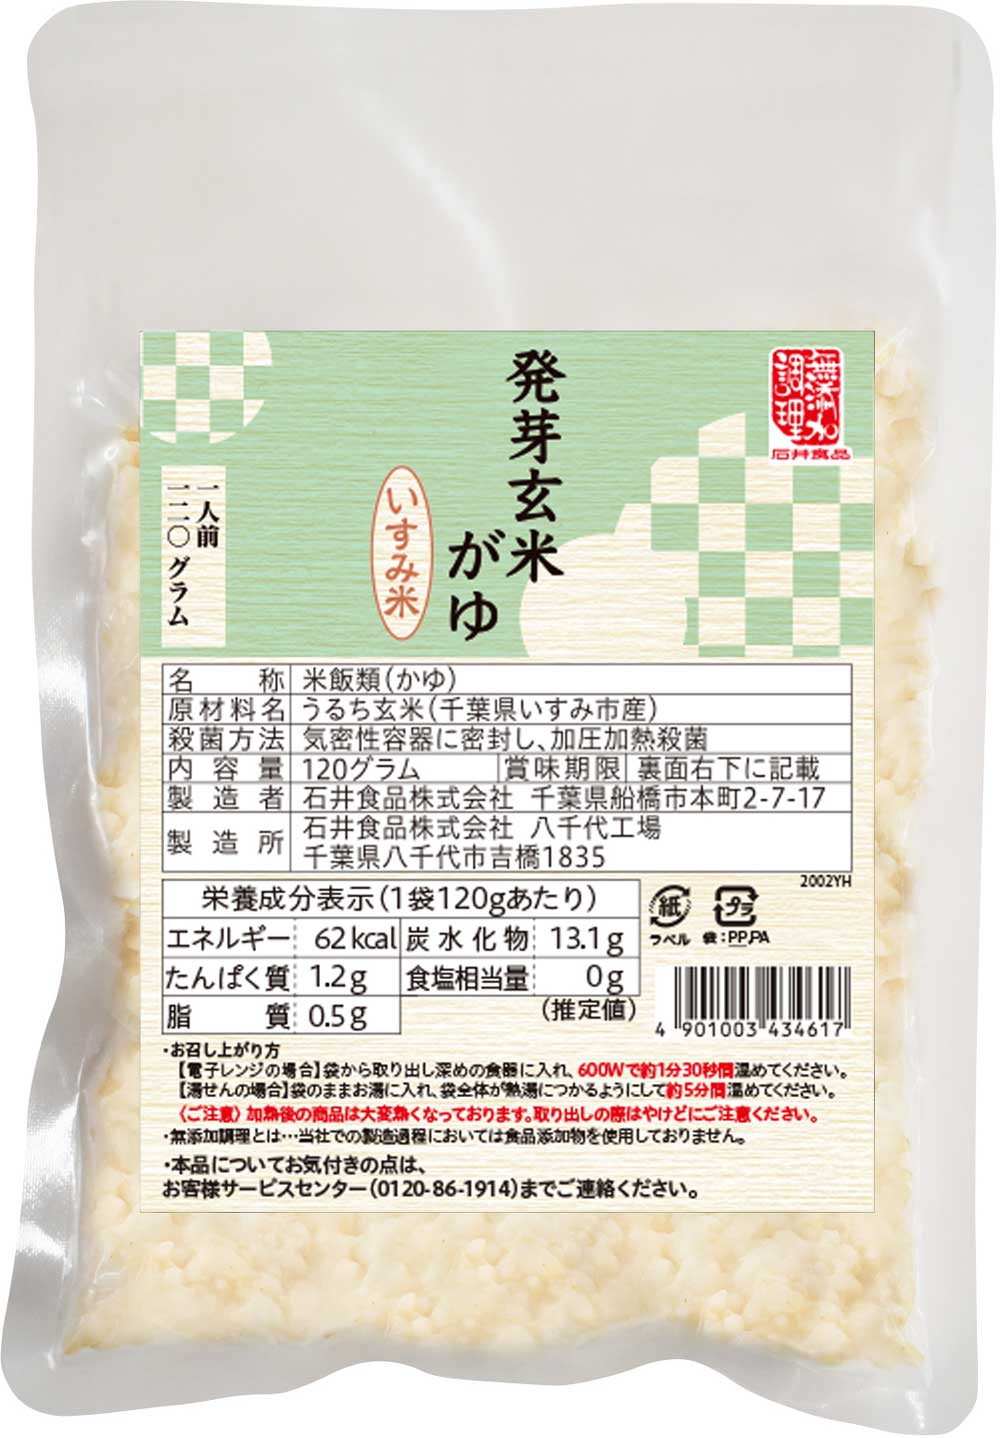 発芽玄米がゆ